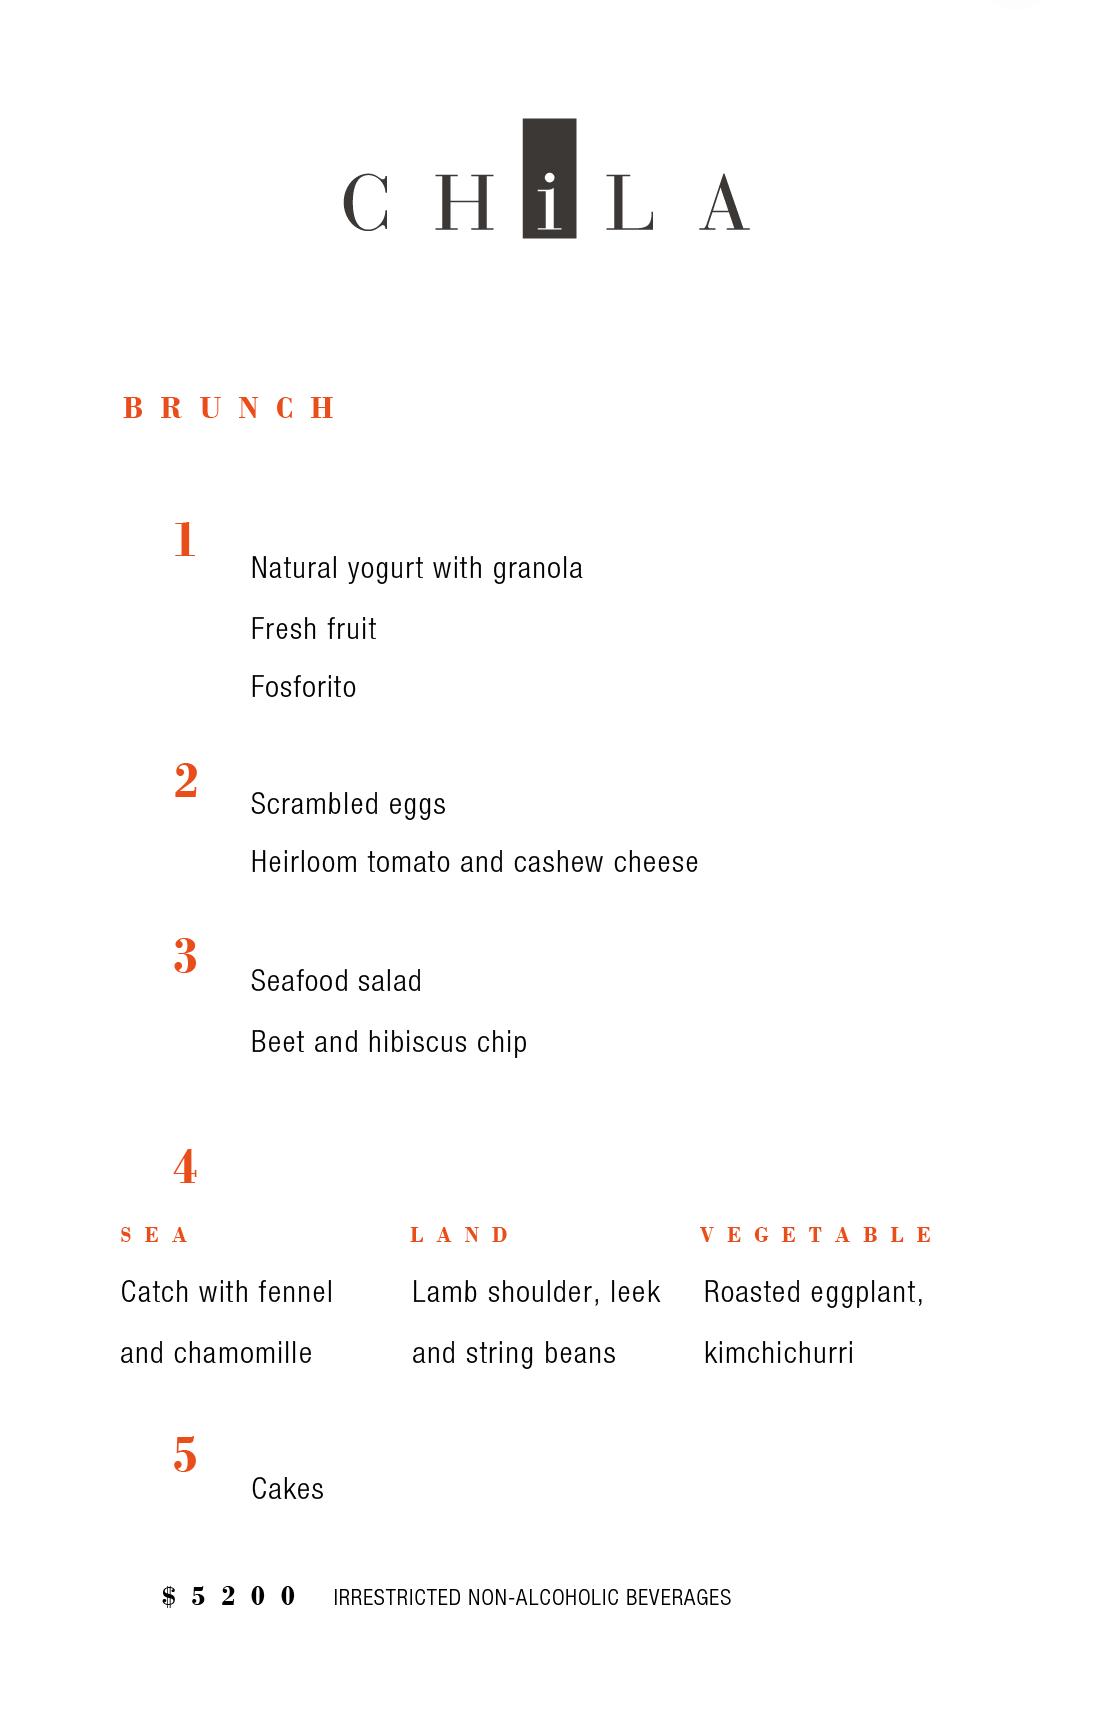 https://www.chilarestaurant.com/brunch-ing_brunch-ingles/